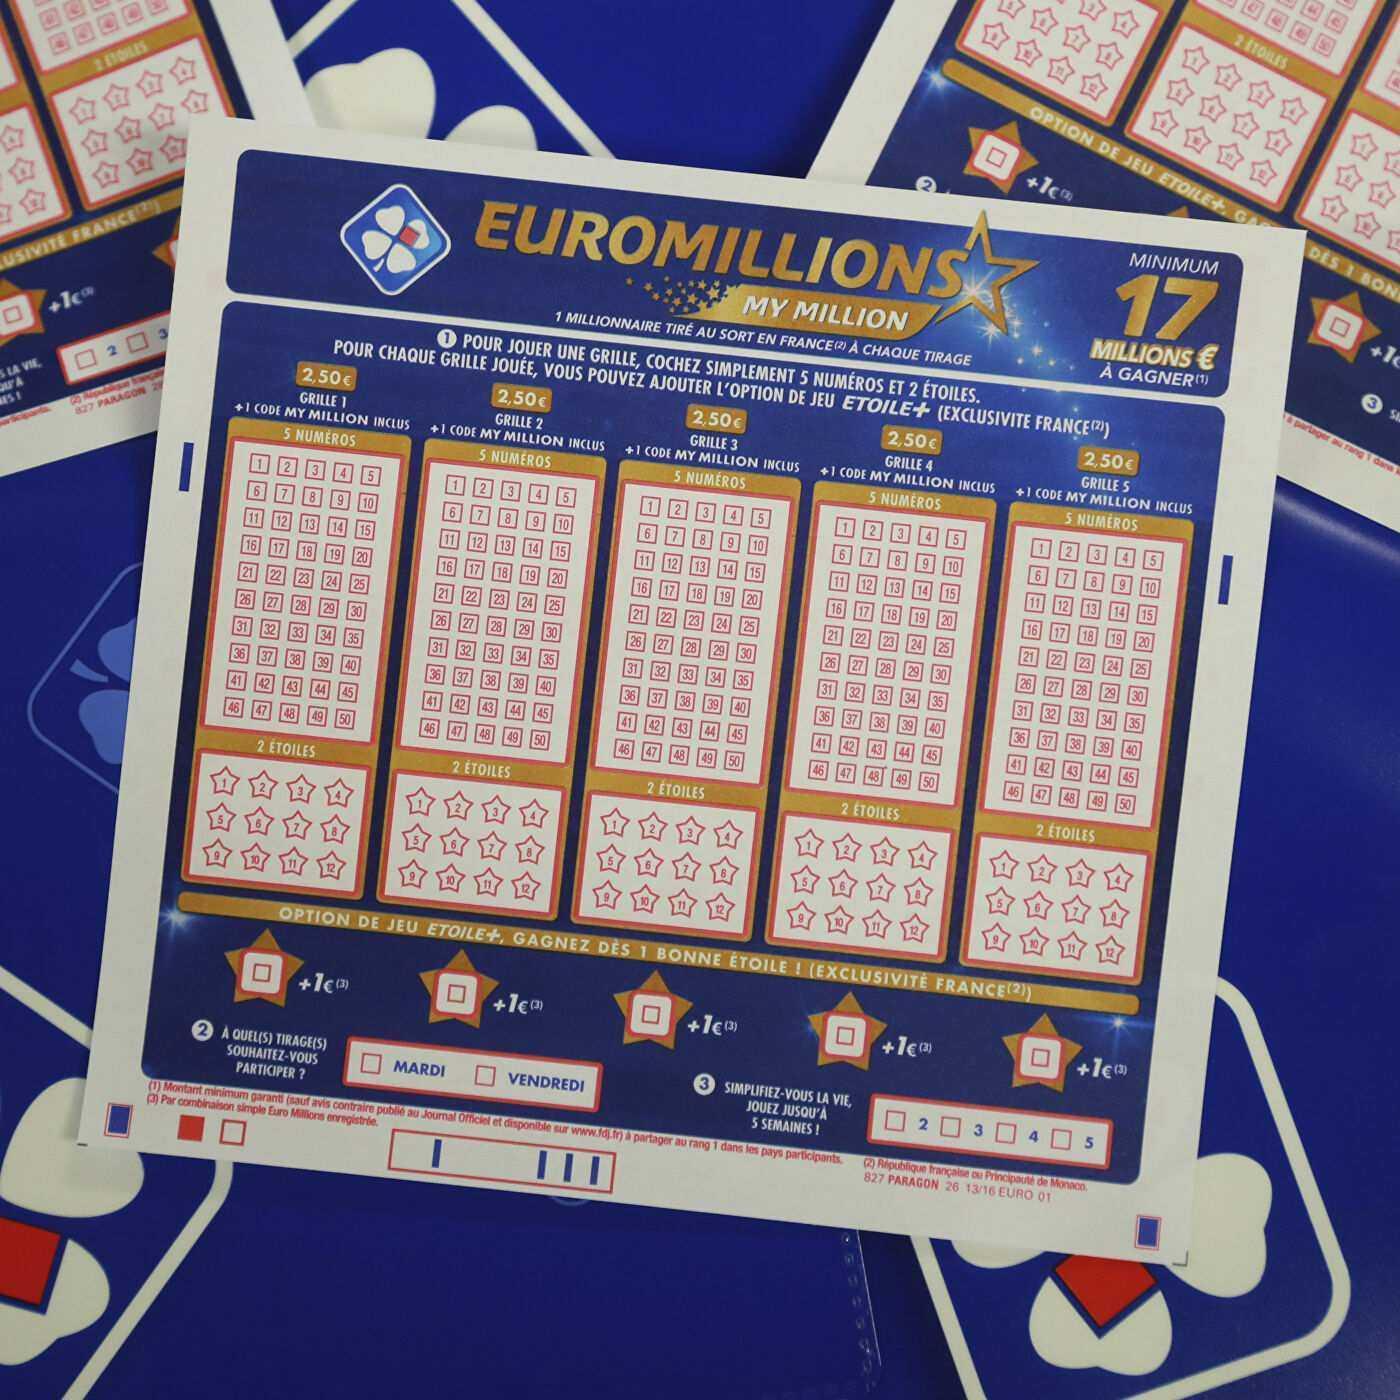 Лотерея евромиллионы (euromillions) — как играть из россии: как купить билет + правила   зарубежные лотереи